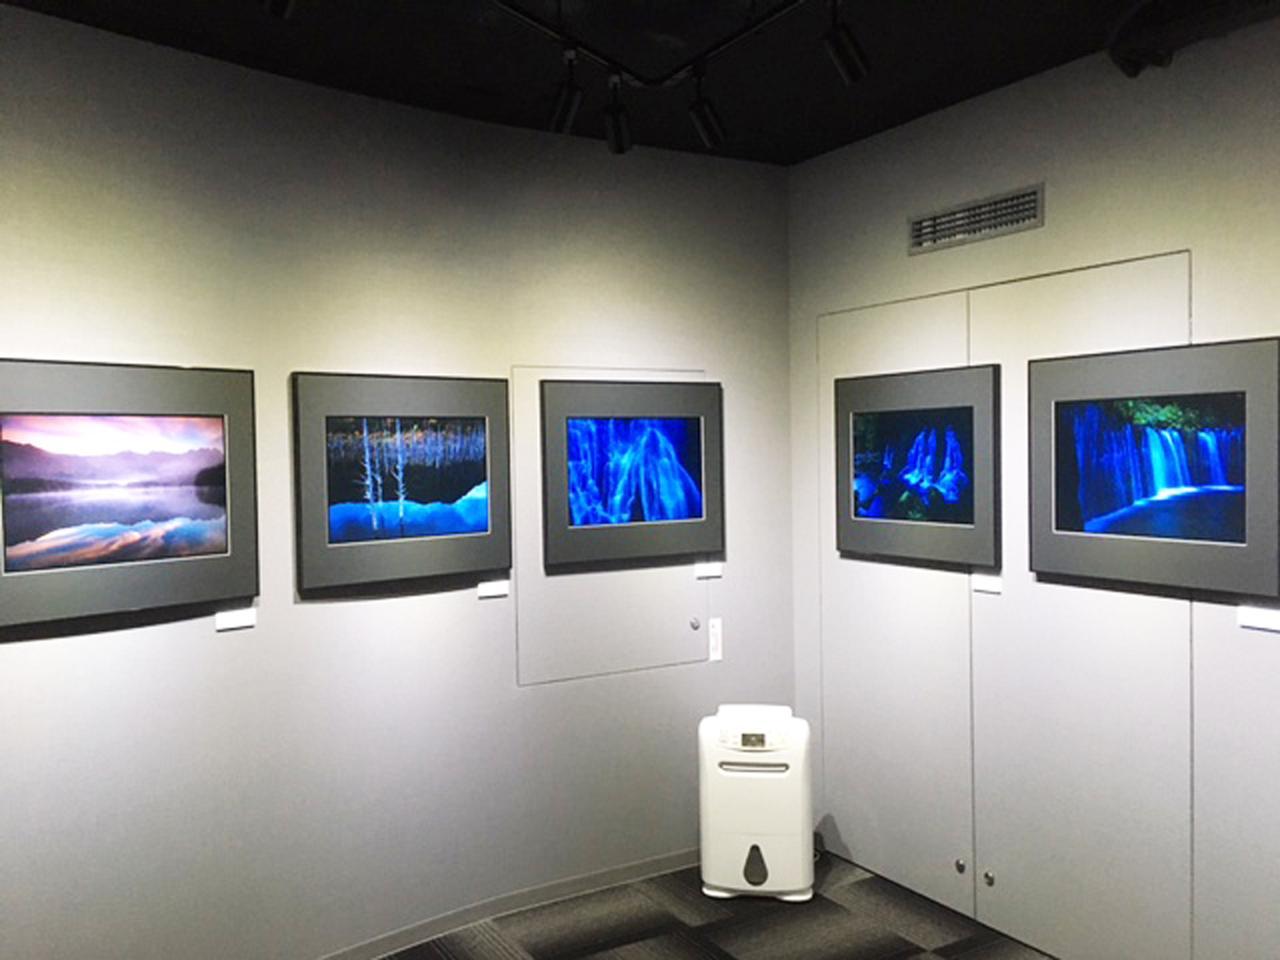 画像2: 井村 淳 写真展『小さな国の大自然』は、新装なったTAギャラリー(竹内敏信記念館)にて開催中です!